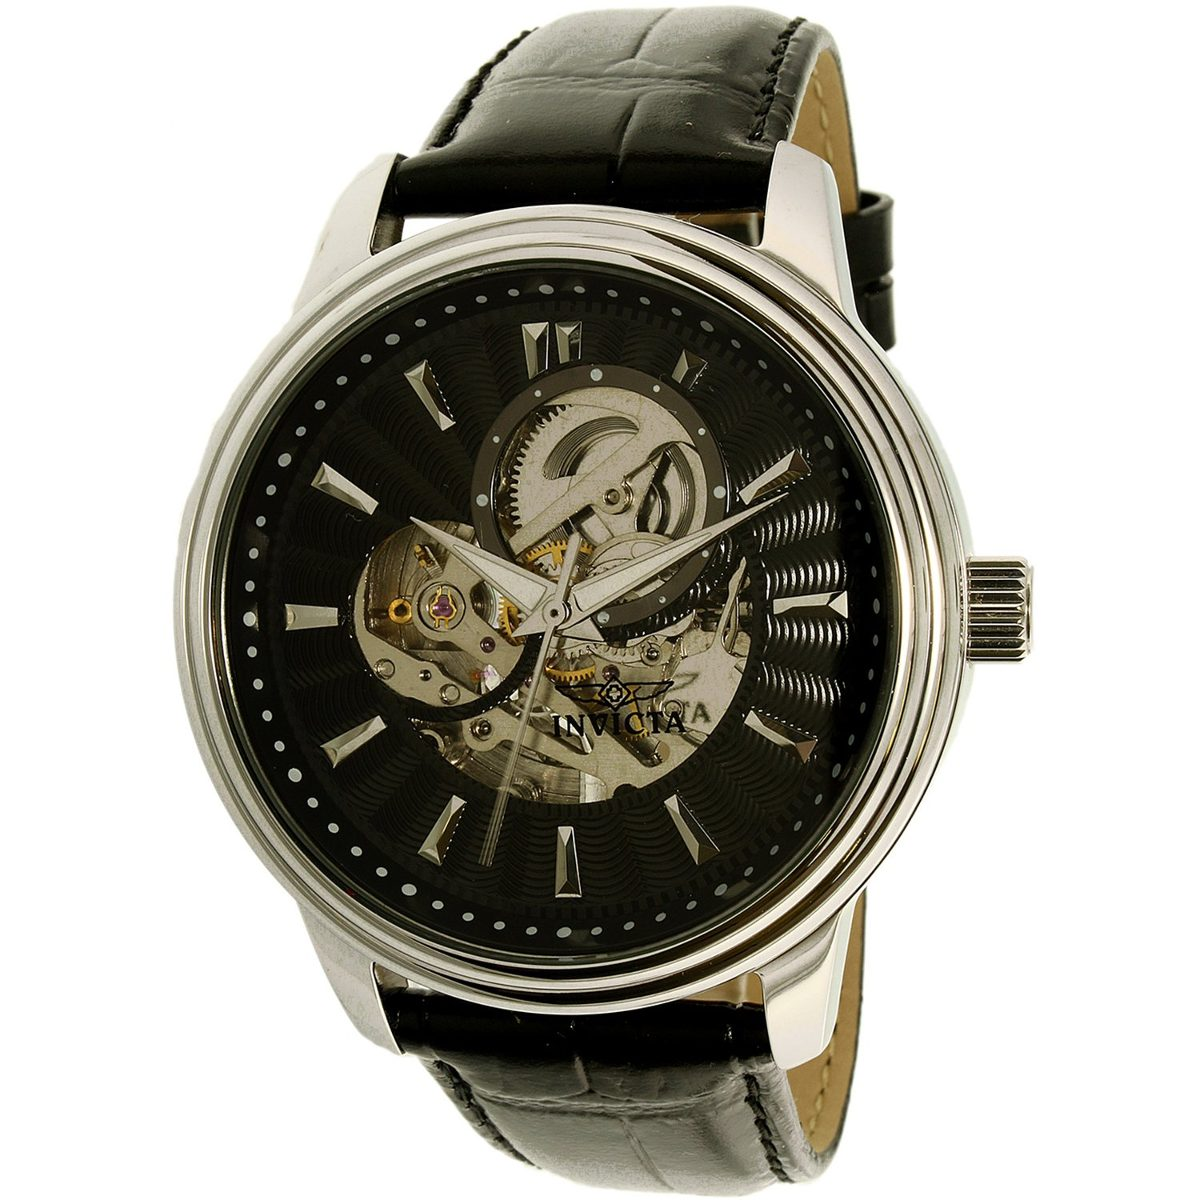 98f5312d7aa9 reloj invicta 22577 vintage automático cuero legítimo hombre. Cargando zoom.